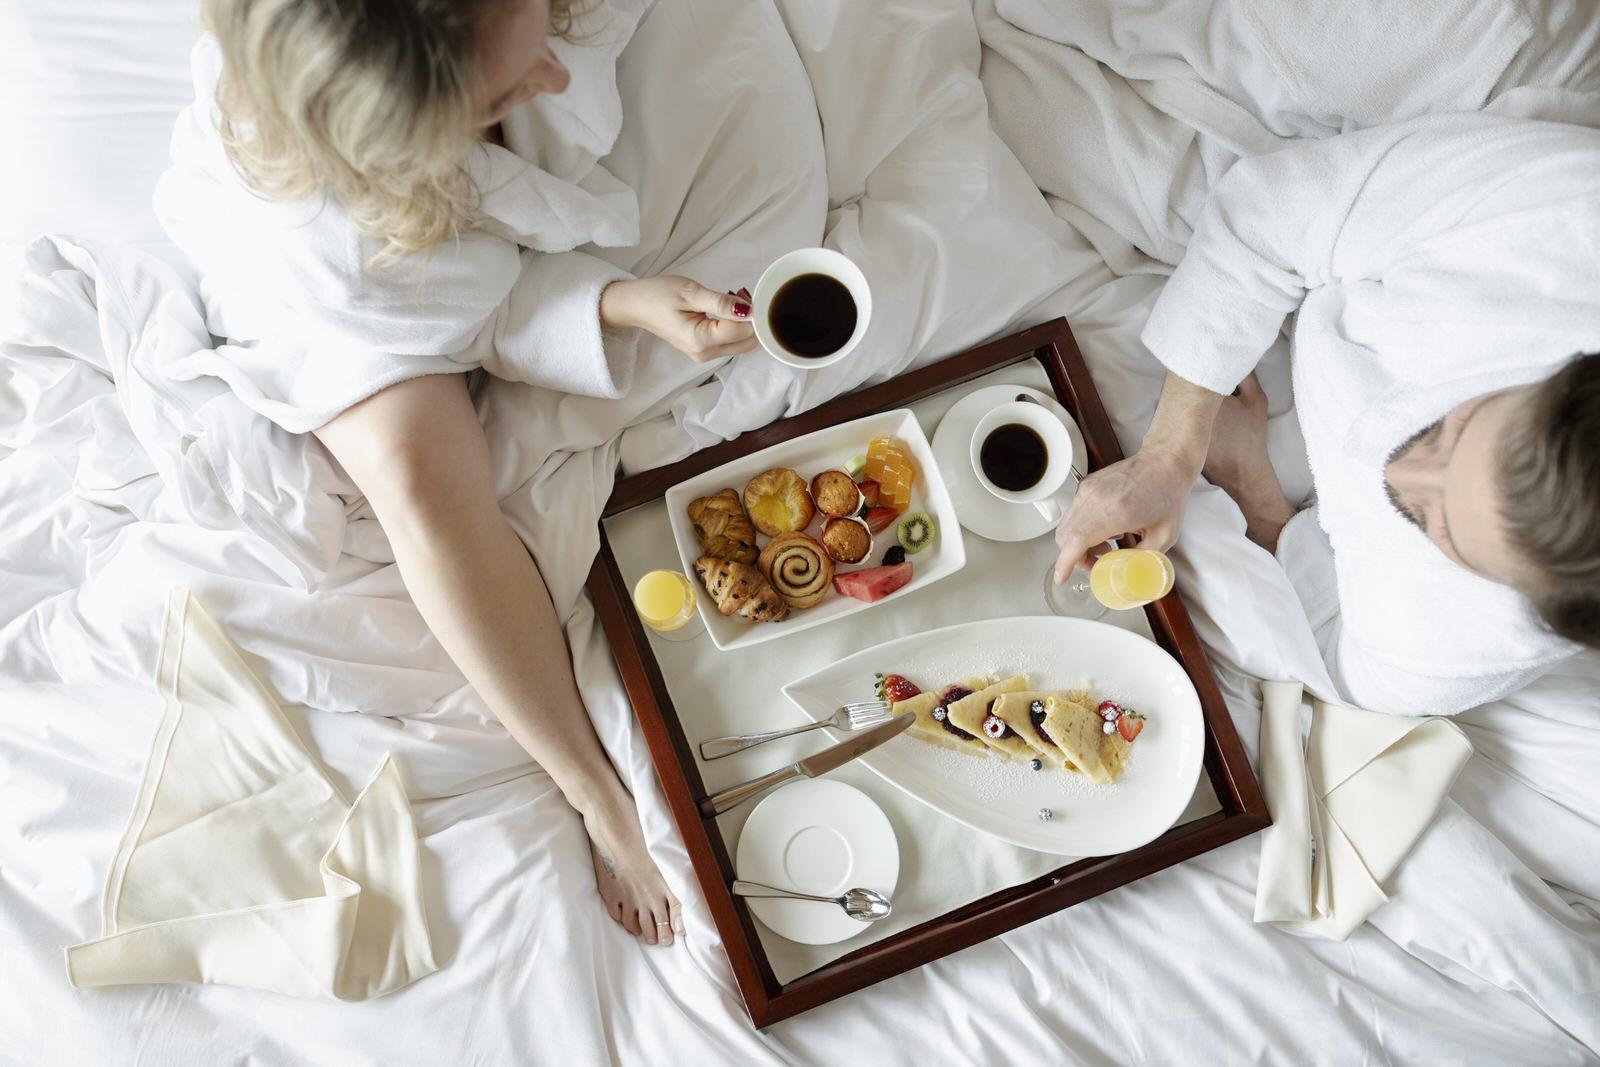 Китайцы изобрели способ проверить, а чистое ли белье вам постелили в отеле